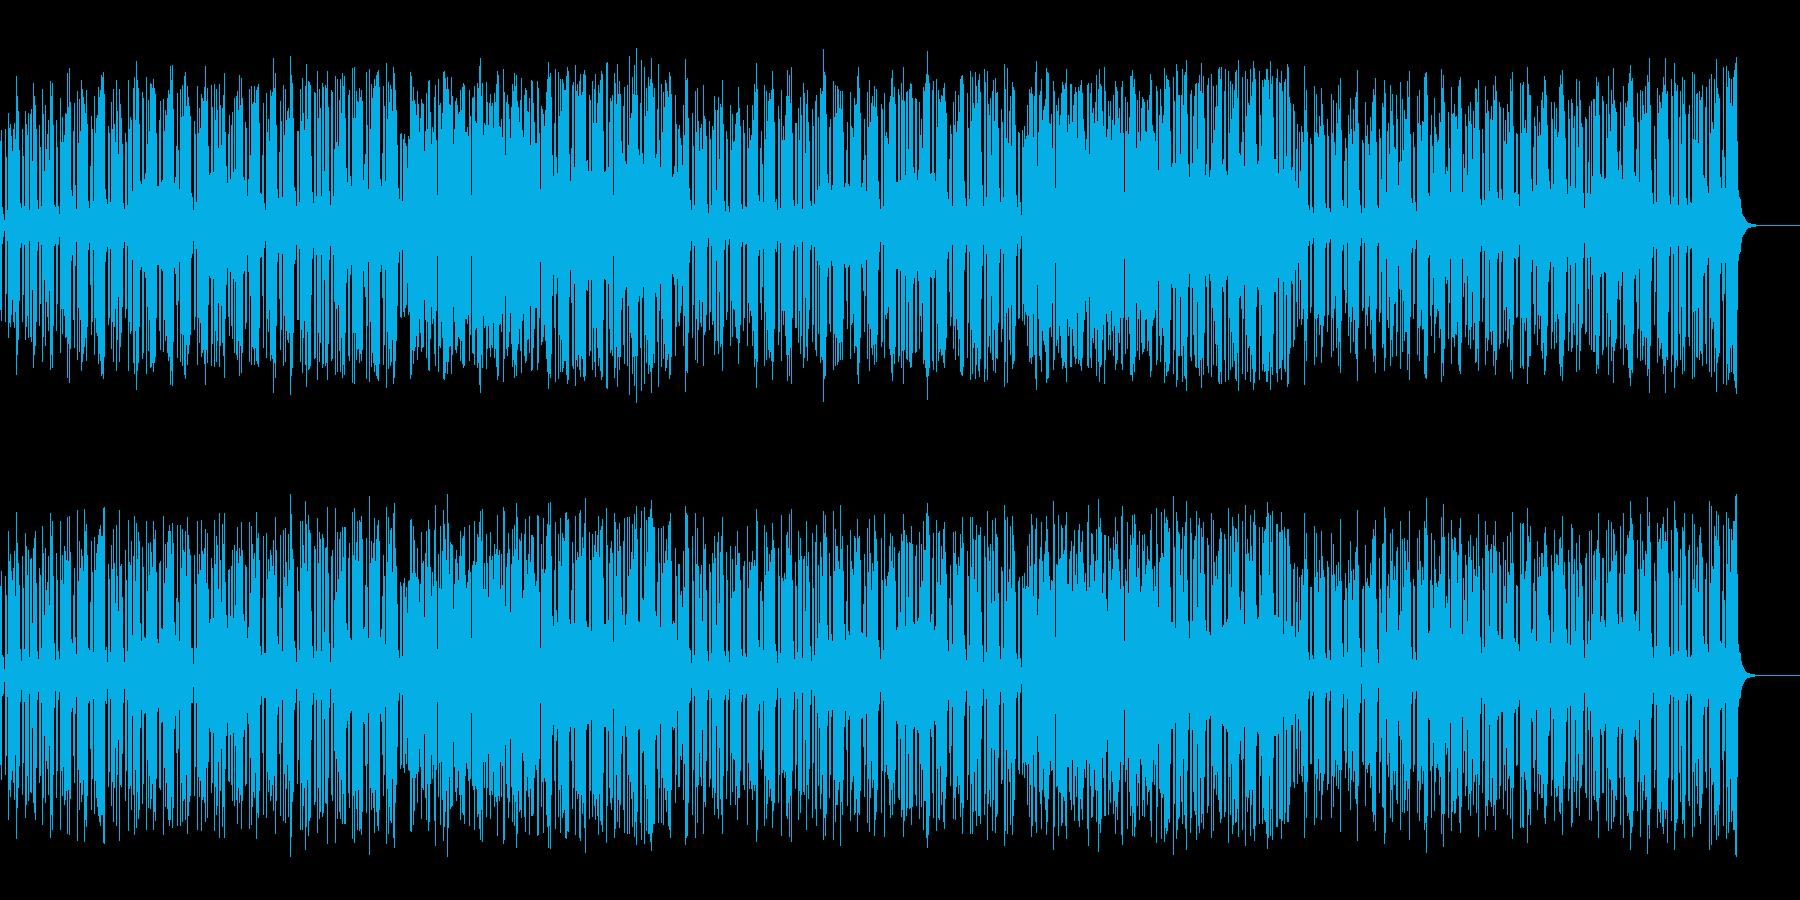 ホーン系のスカしたマイナー・フュージョンの再生済みの波形